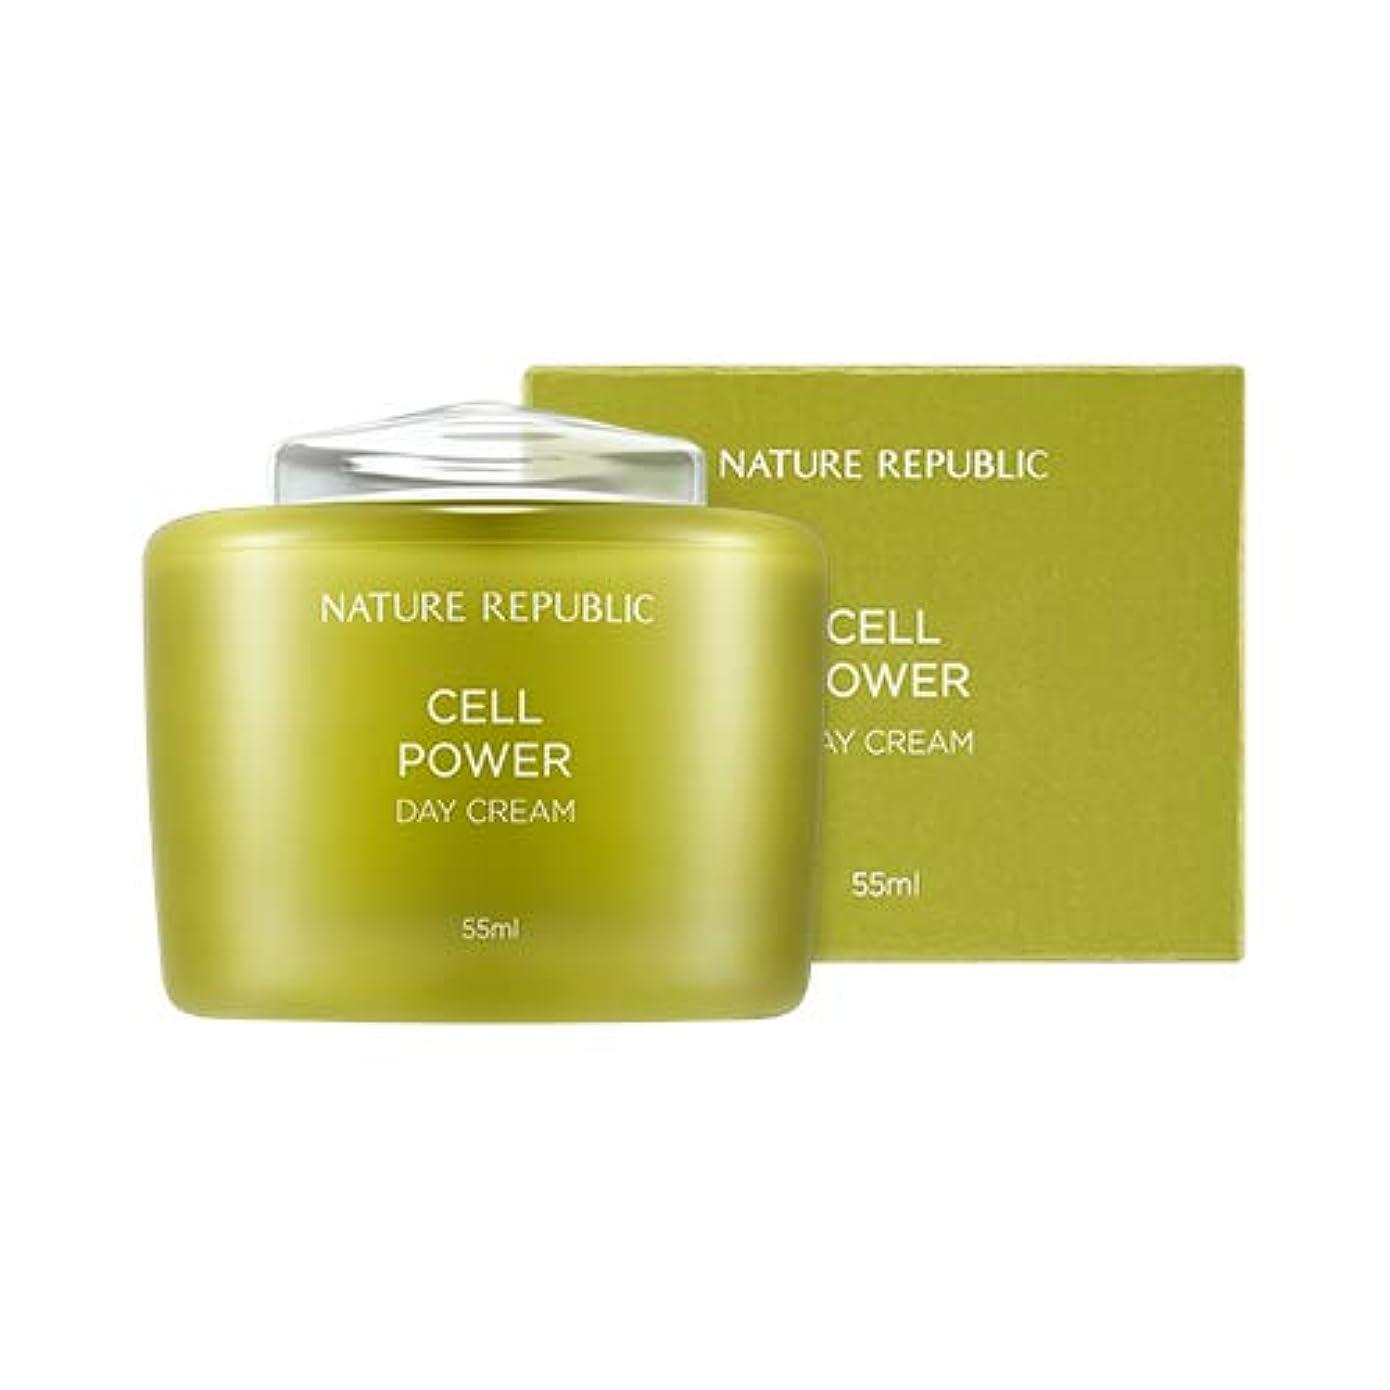 プロフェッショナルピース市区町村NATURE REPUBLIC Cell Power Day Cream/ネイチャーリパブリック セルパワー デイクリーム 55ml [並行輸入品]